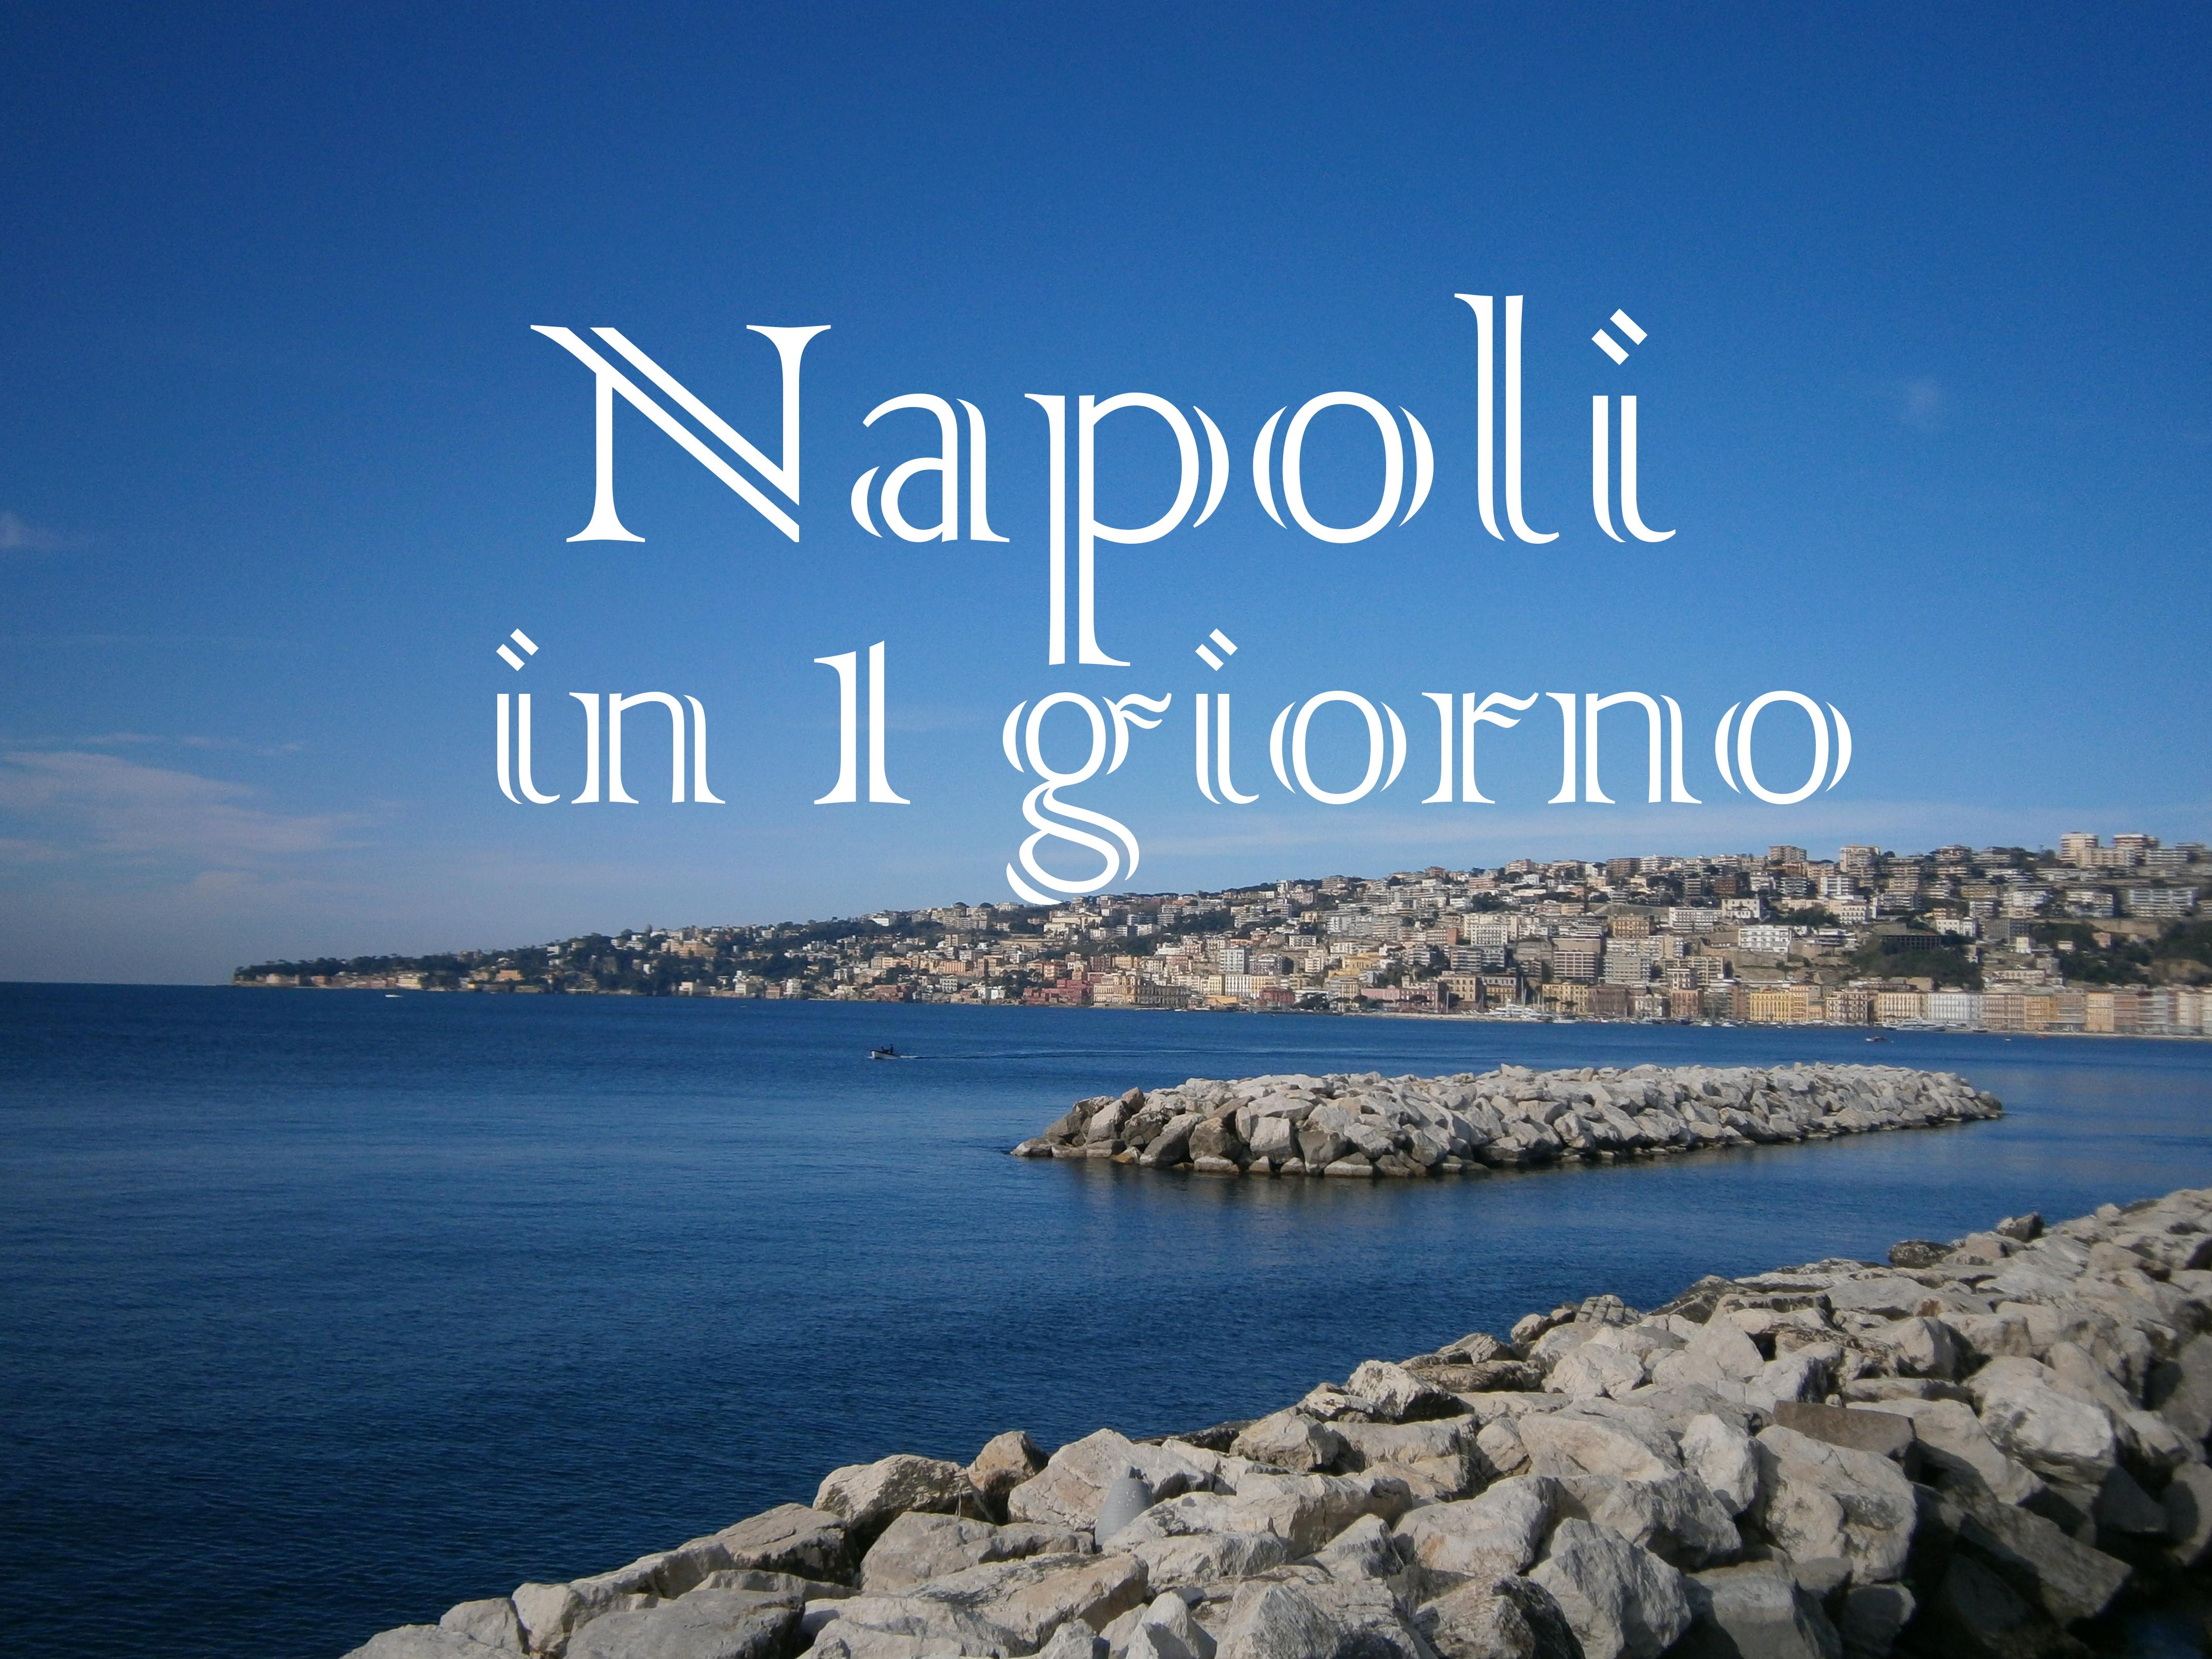 Napoli in un giorno cosa vedere e cosa fare in 24 ore - Piastrella scheggiata cosa fare ...